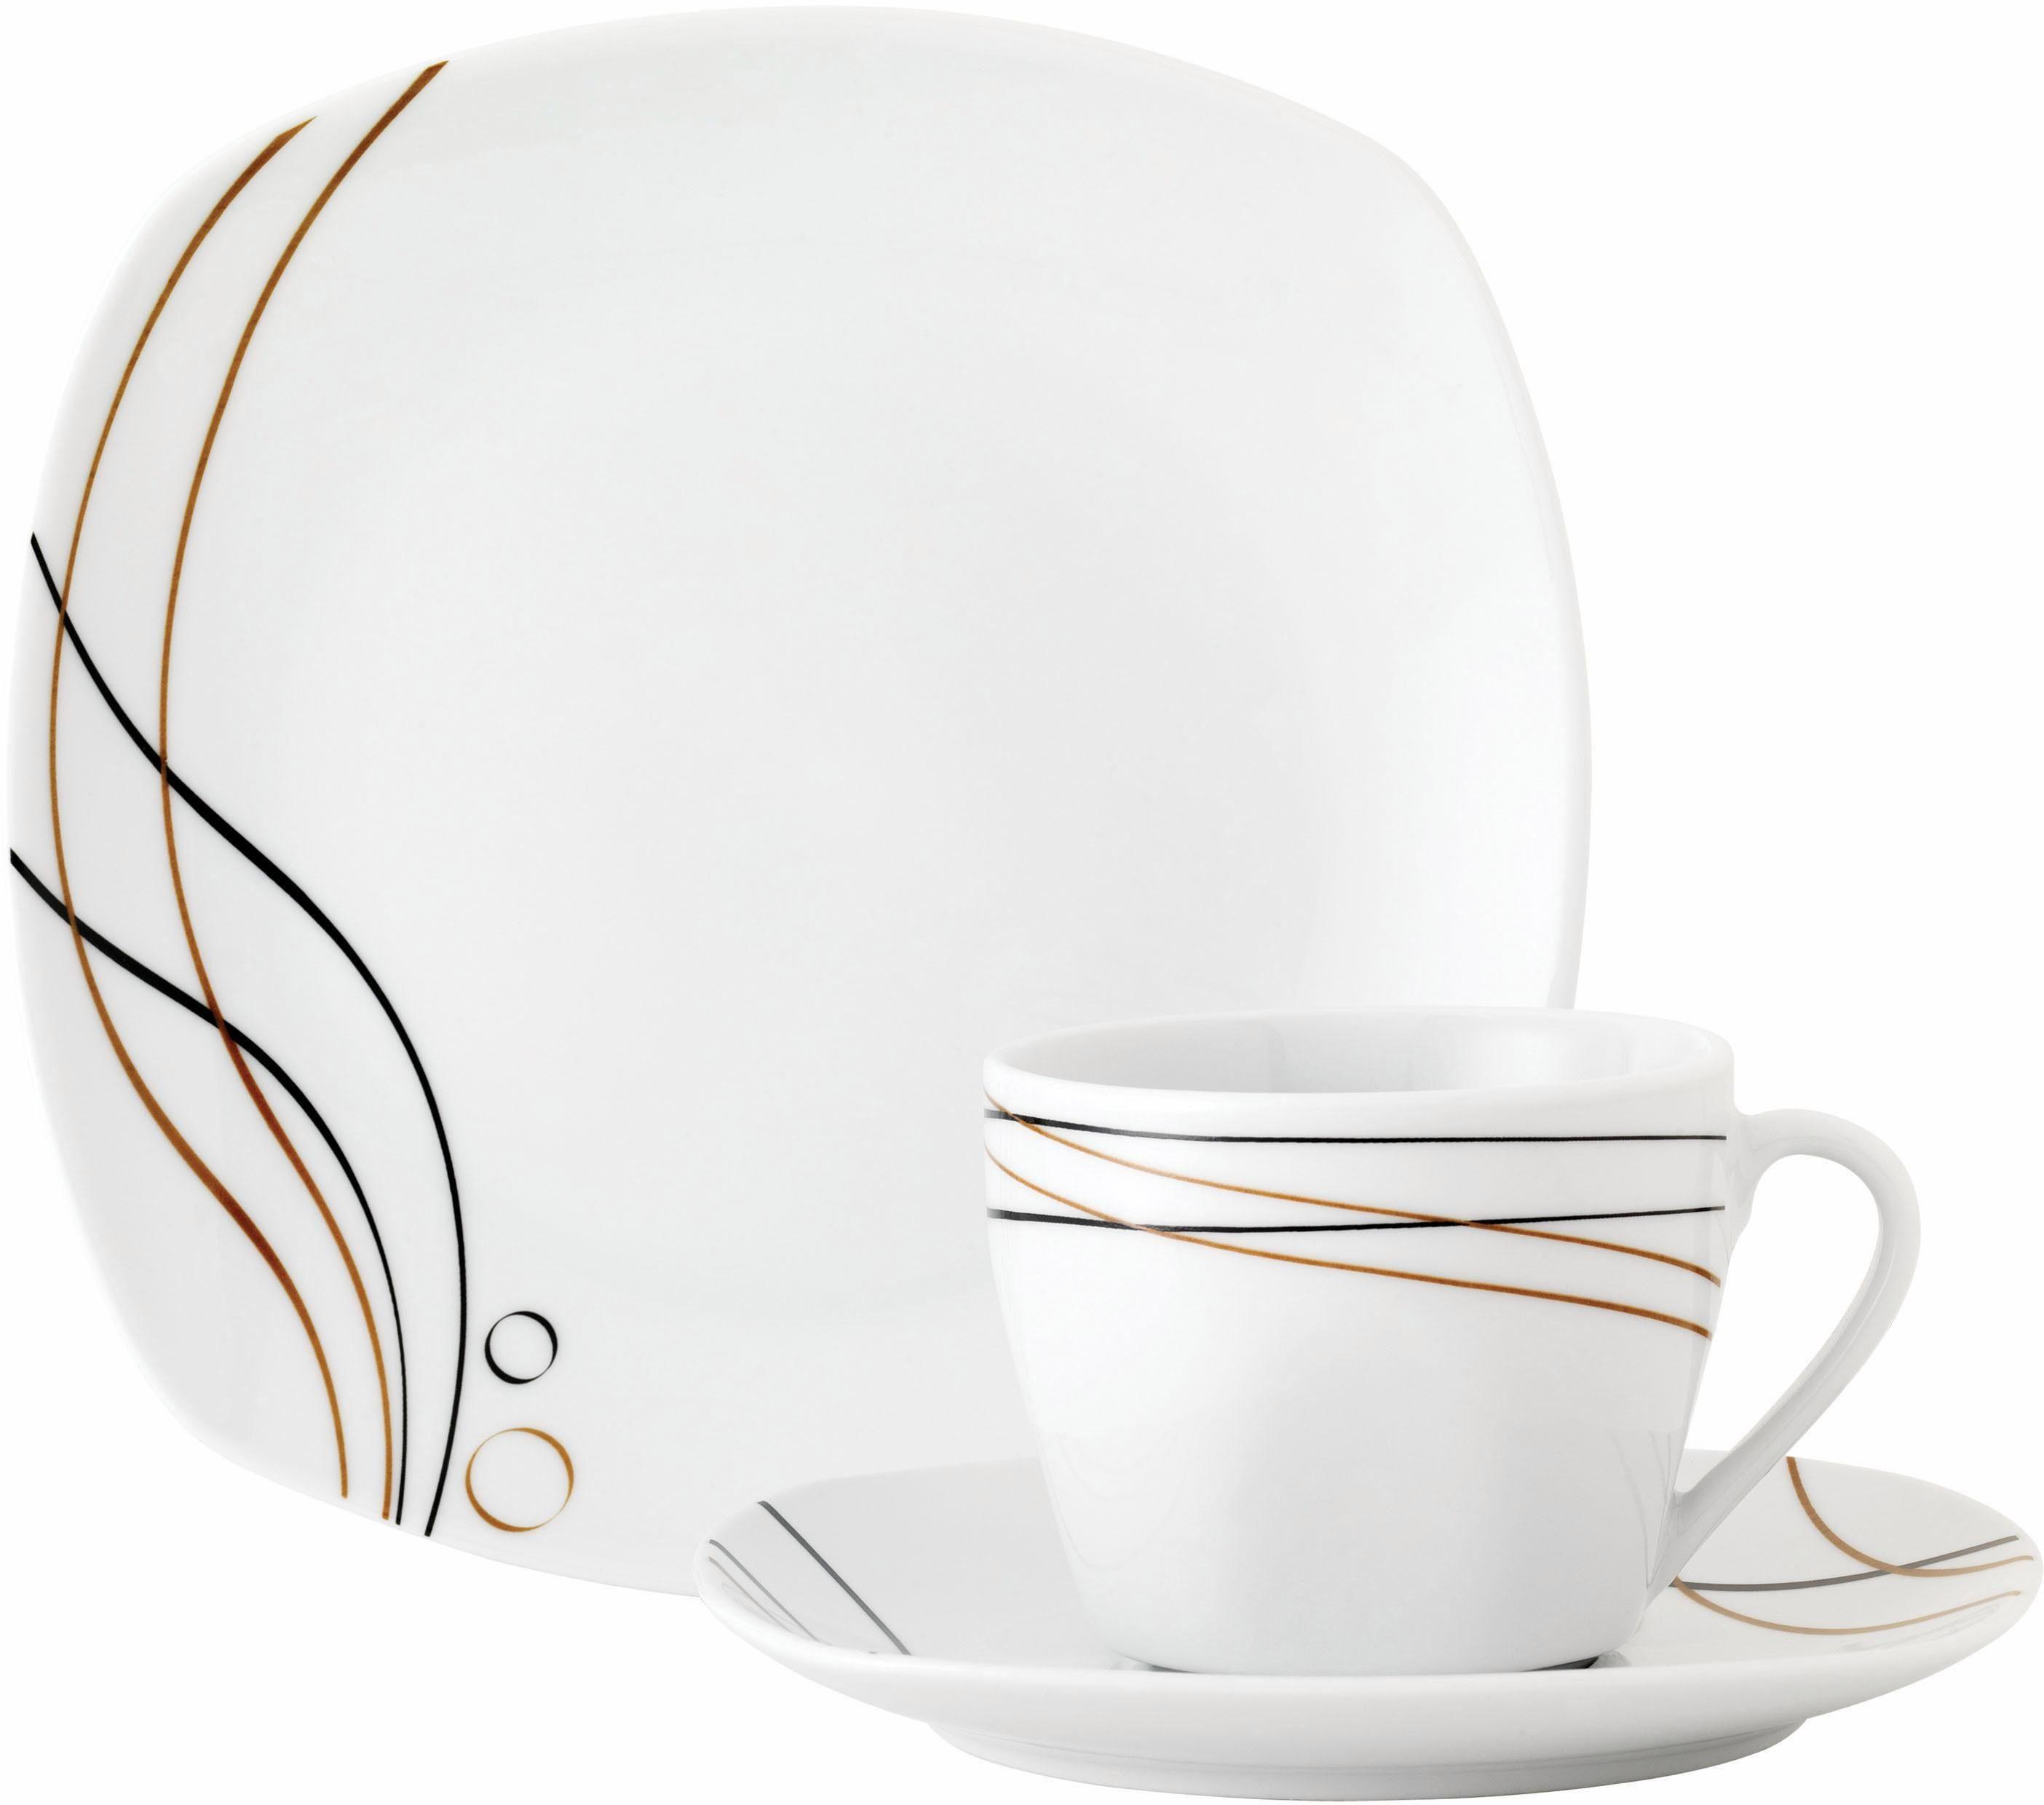 Van Well Kaffeeservice, Porzellan, 18 Teile, »ASPEN«